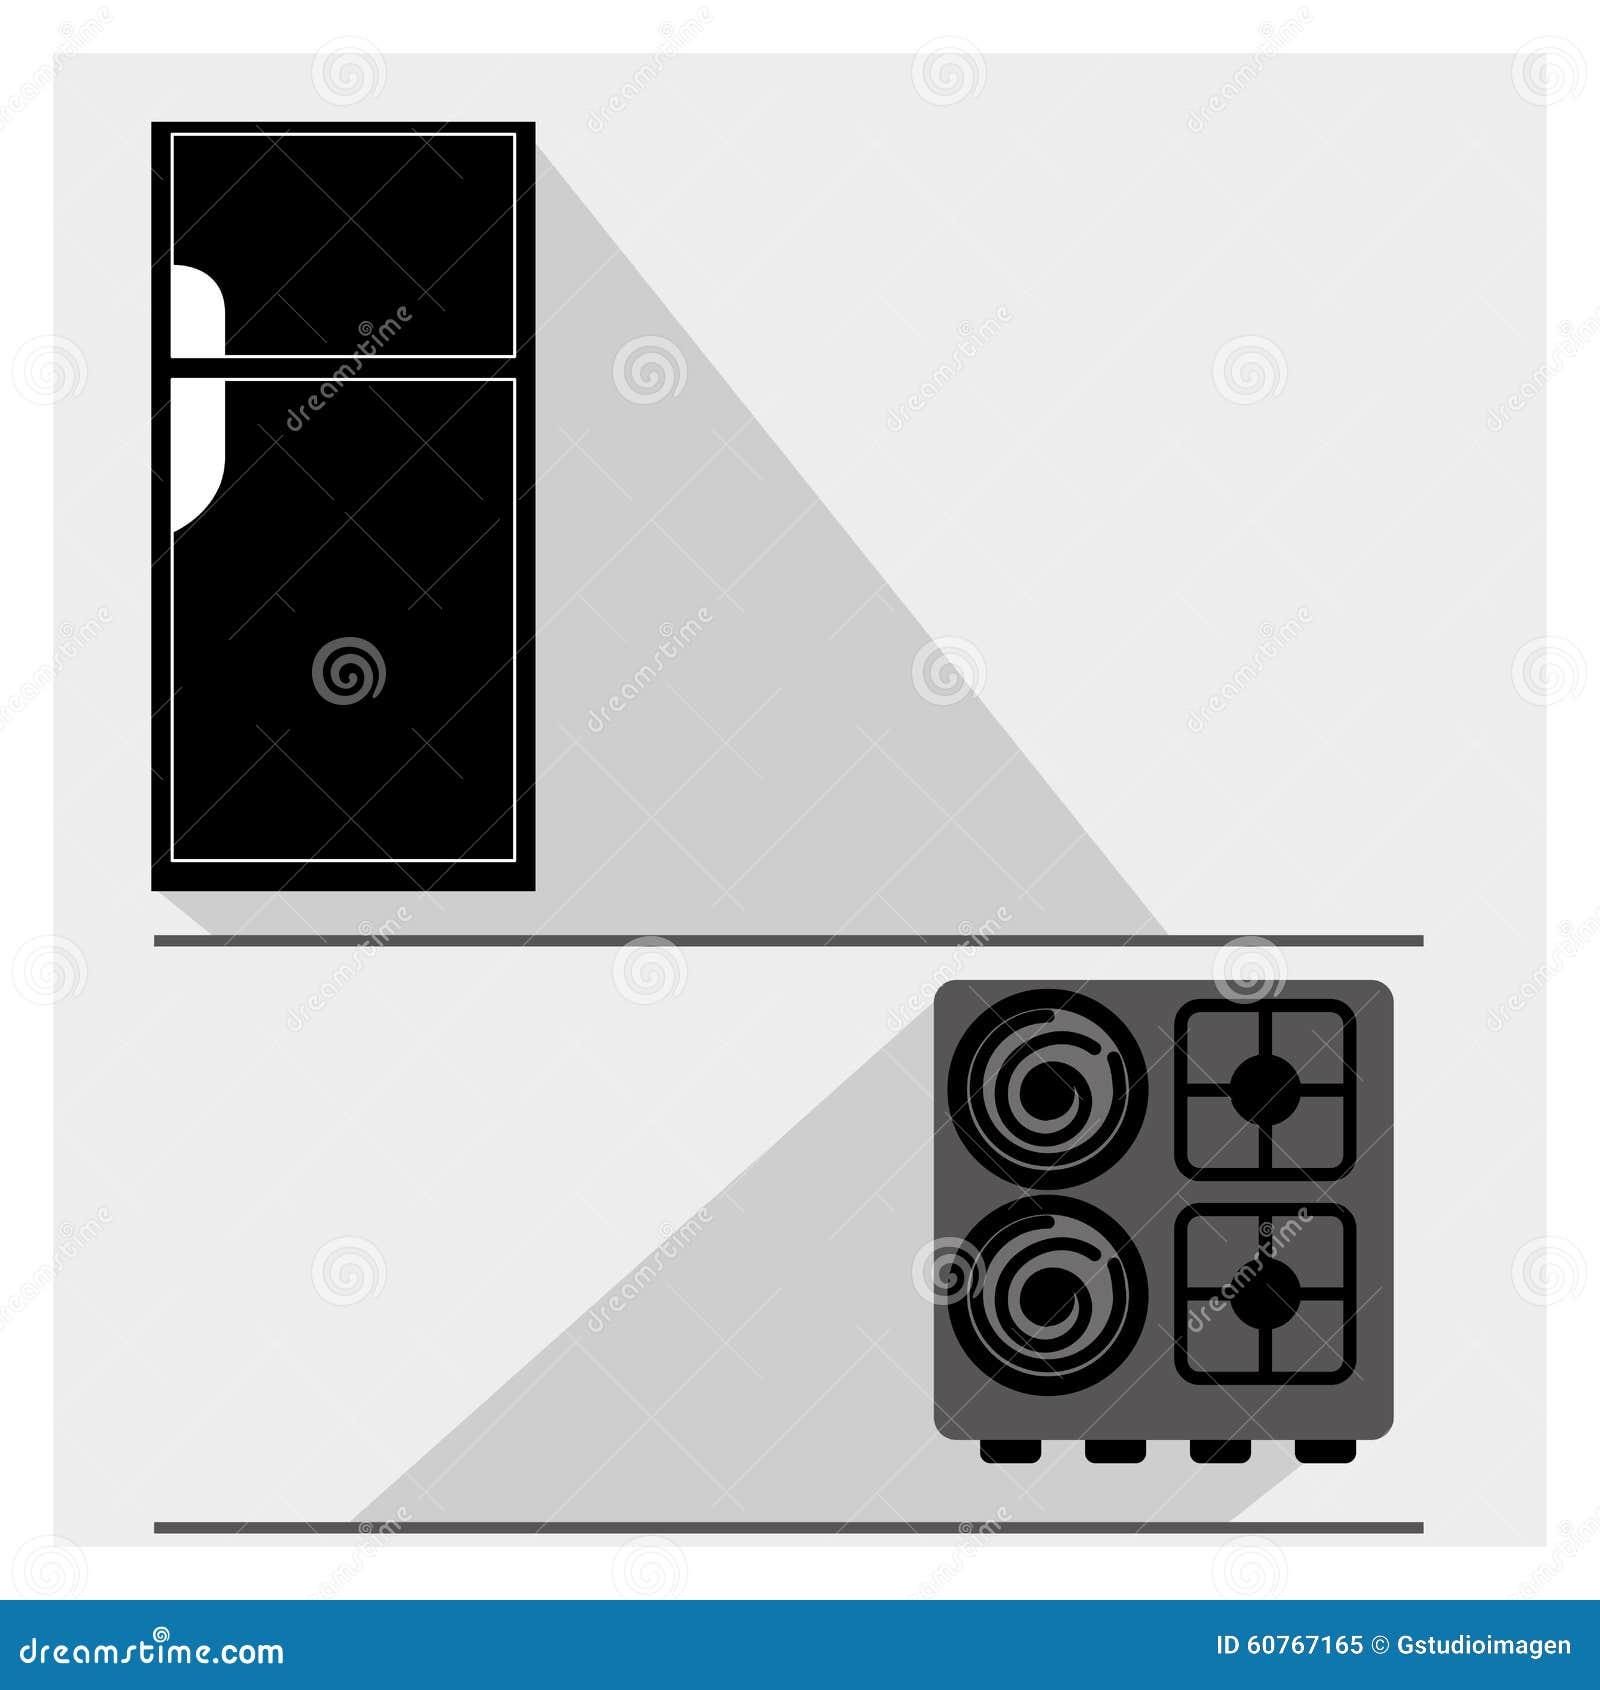 Appareil de cuisine illustration de vecteur image 60767165 for Appareil cuisine